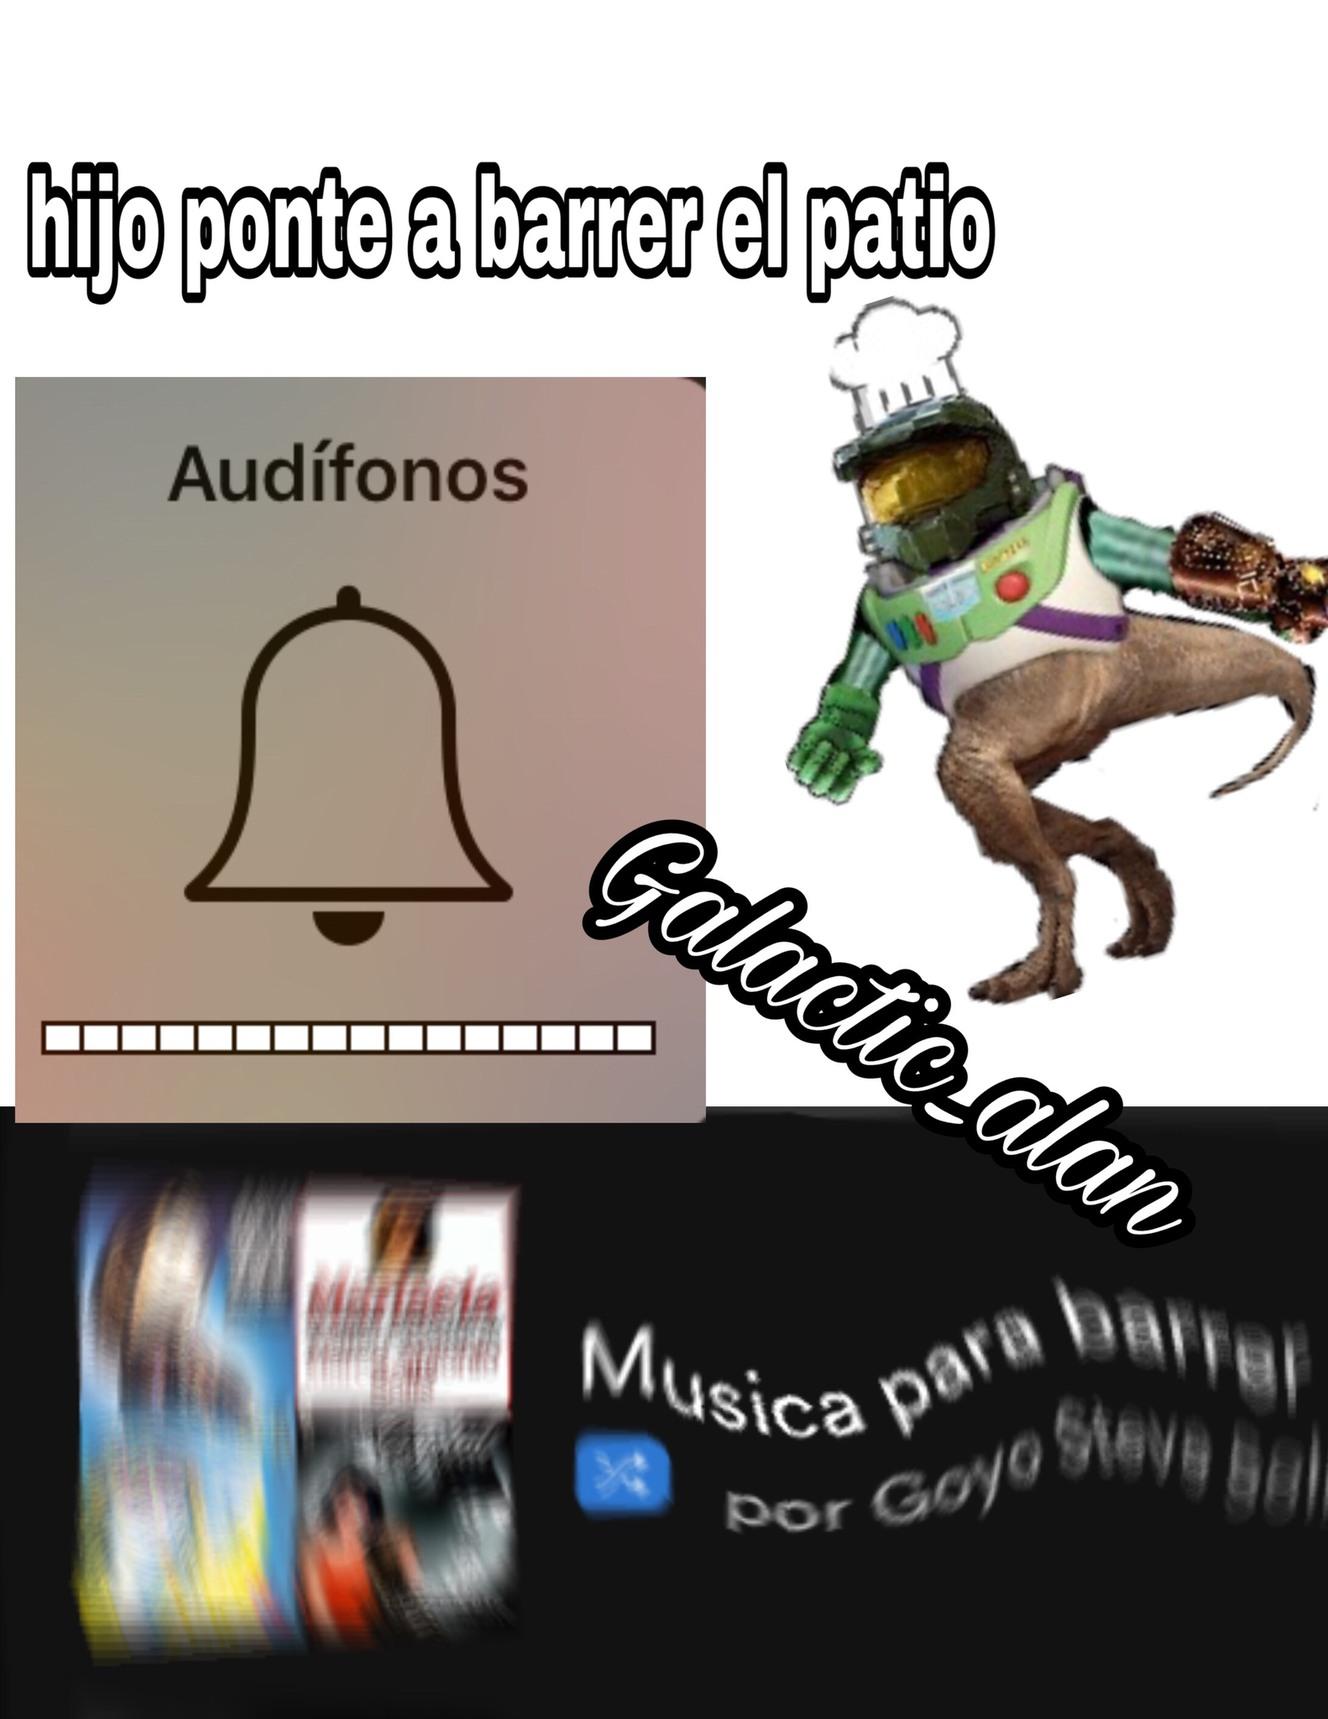 música para barrer - meme